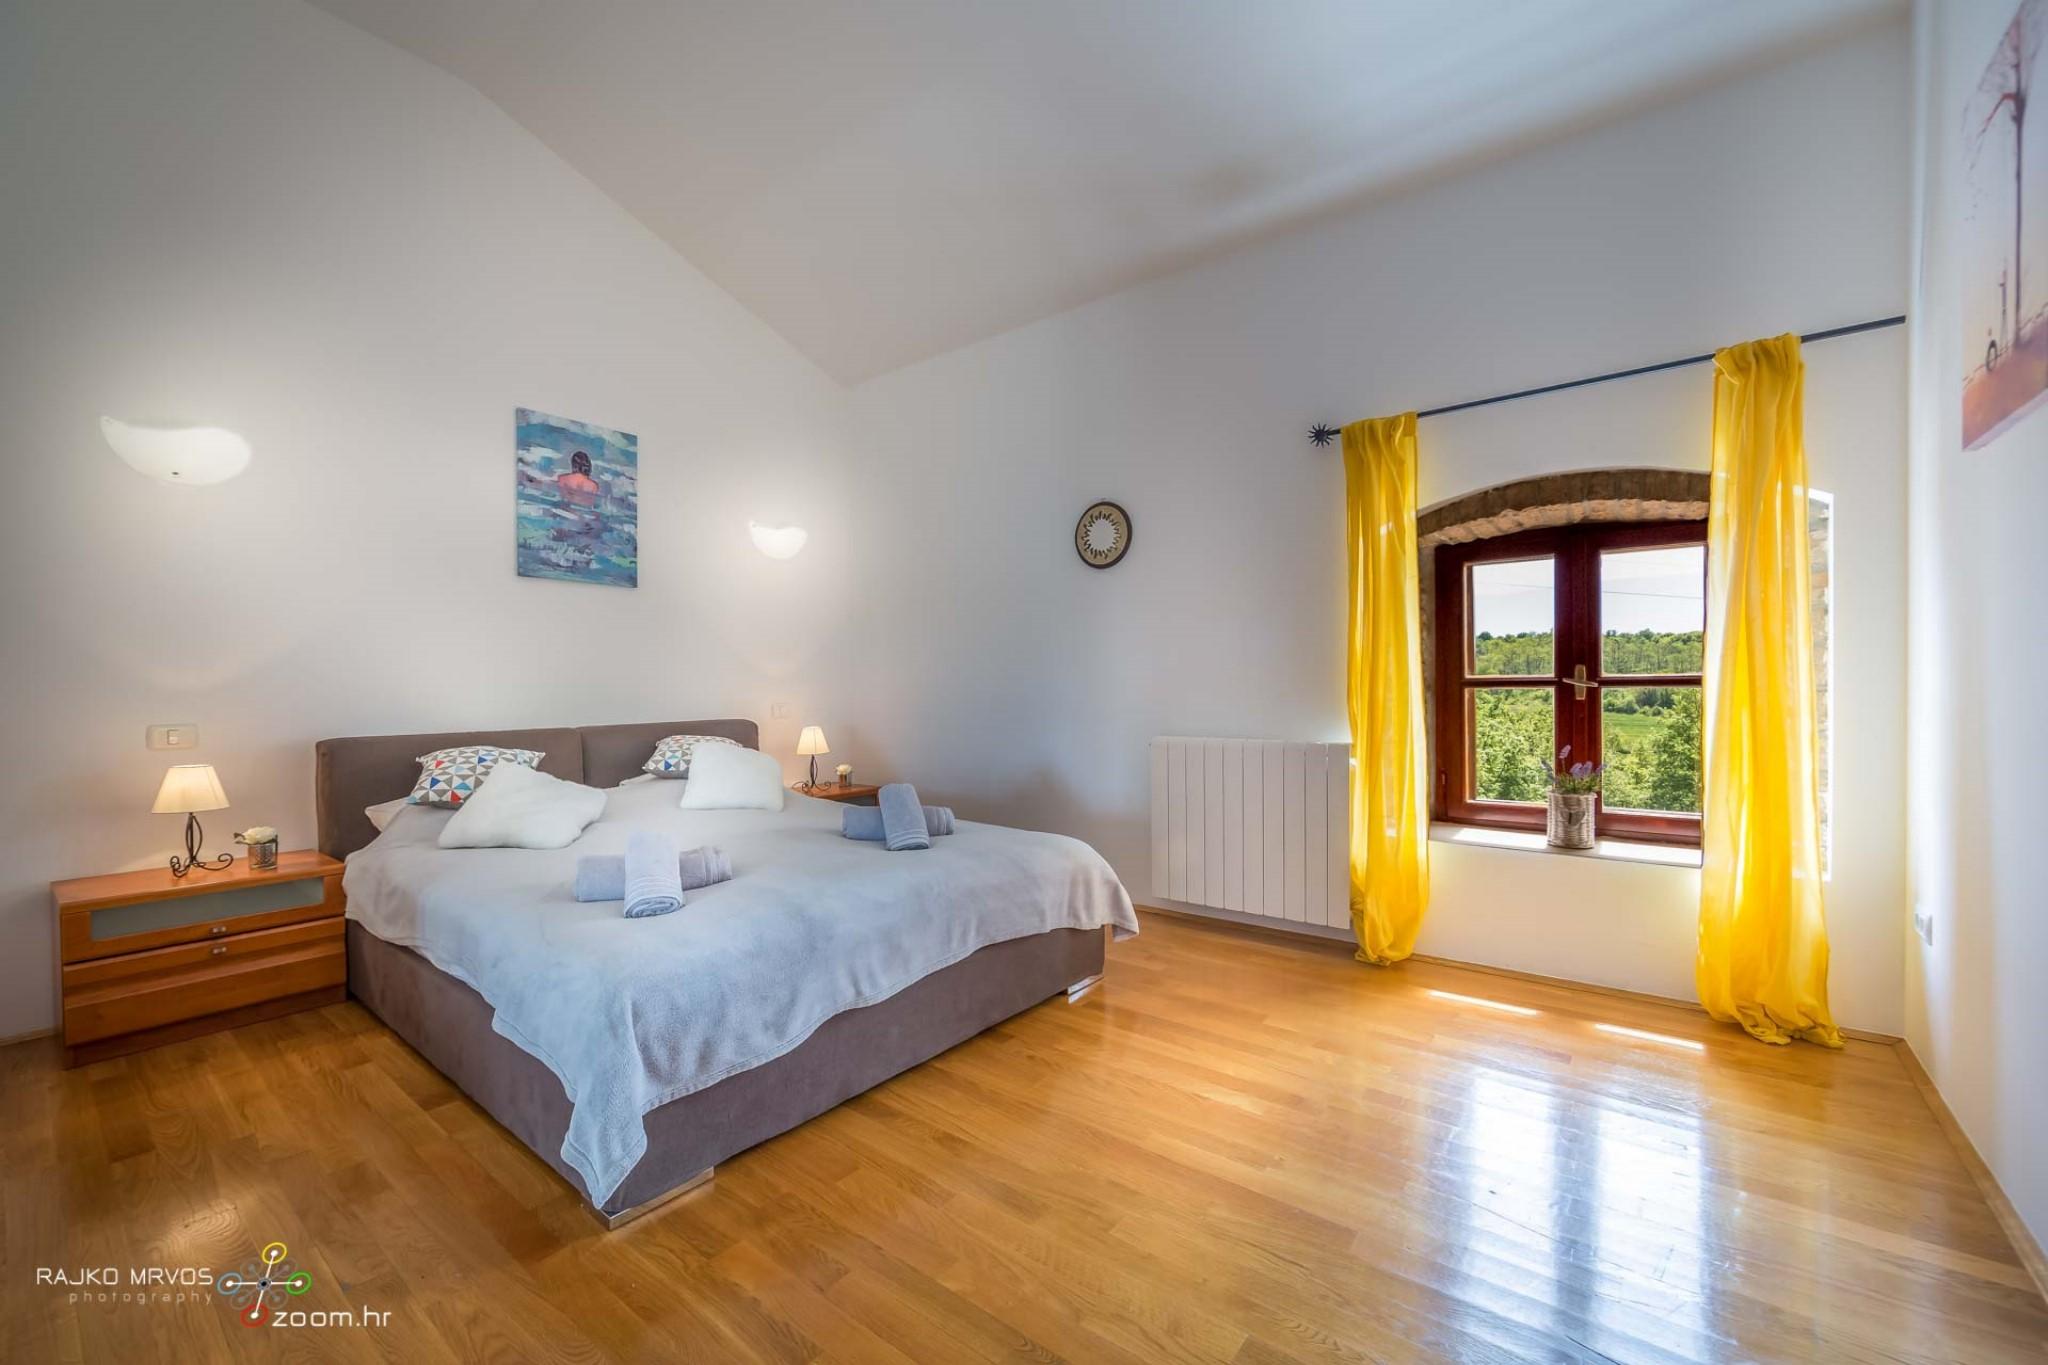 fotografiranje-interijera-fotograf-eksterijera-vila-kuca-apartmana-slikanje-villa-Fattoria-77